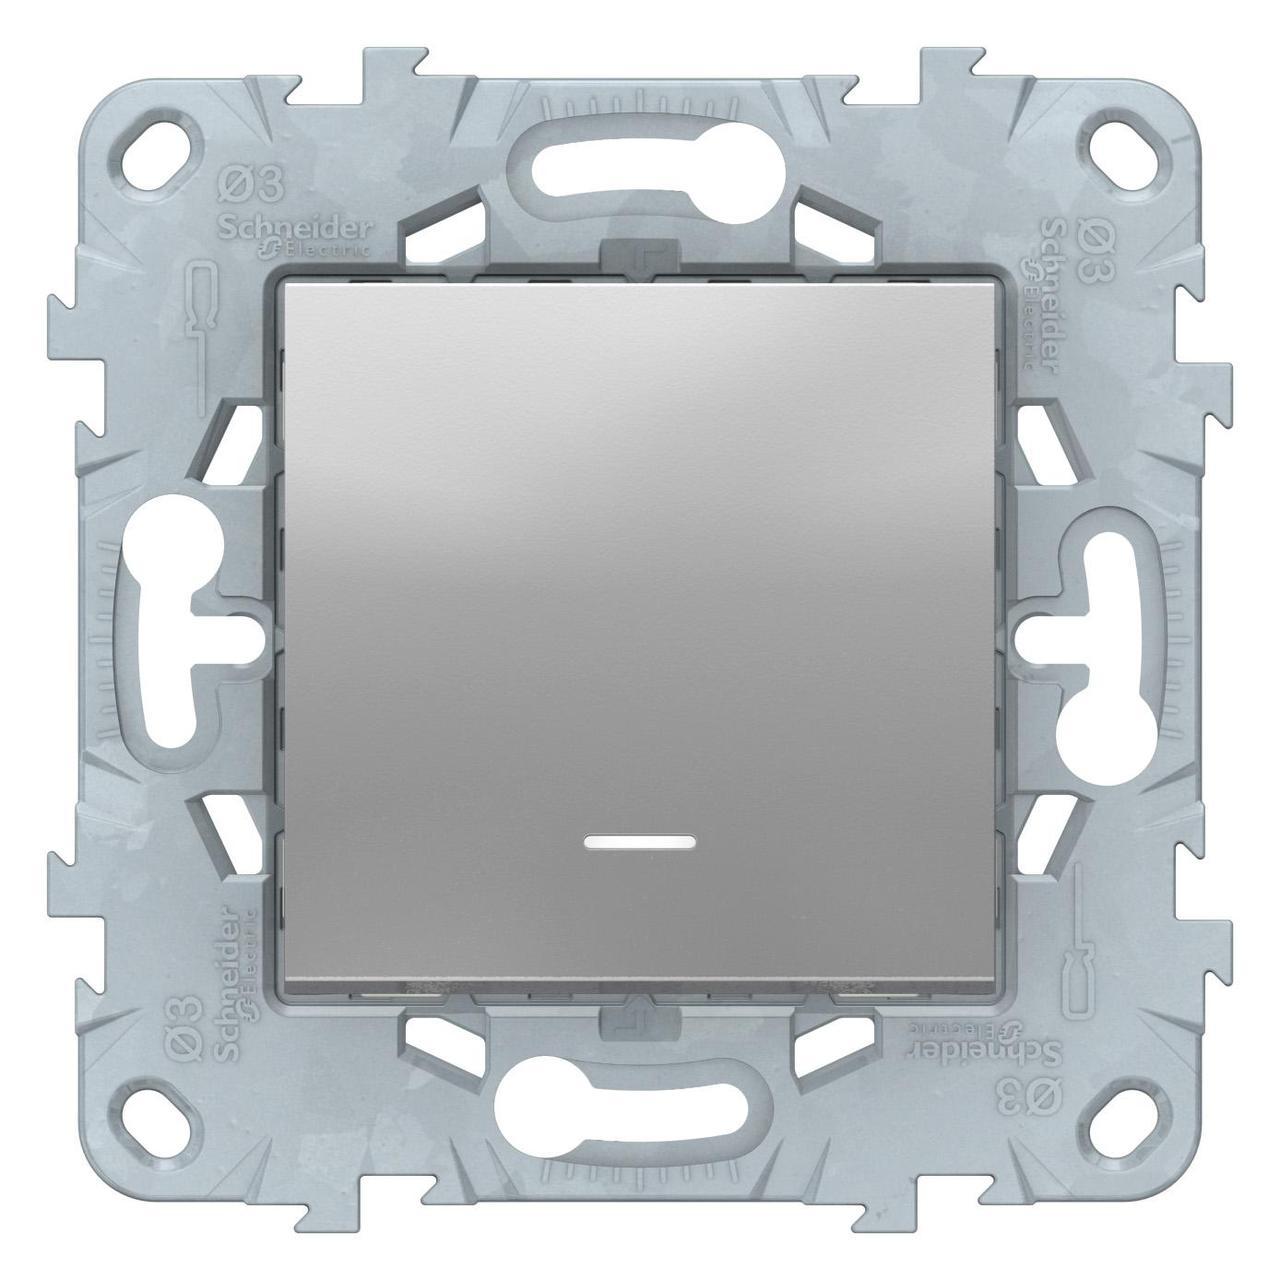 Выключатель 1-клавишный; кнопочный с подсветкой , Алюминий, серия Unica New, Schneider Electric